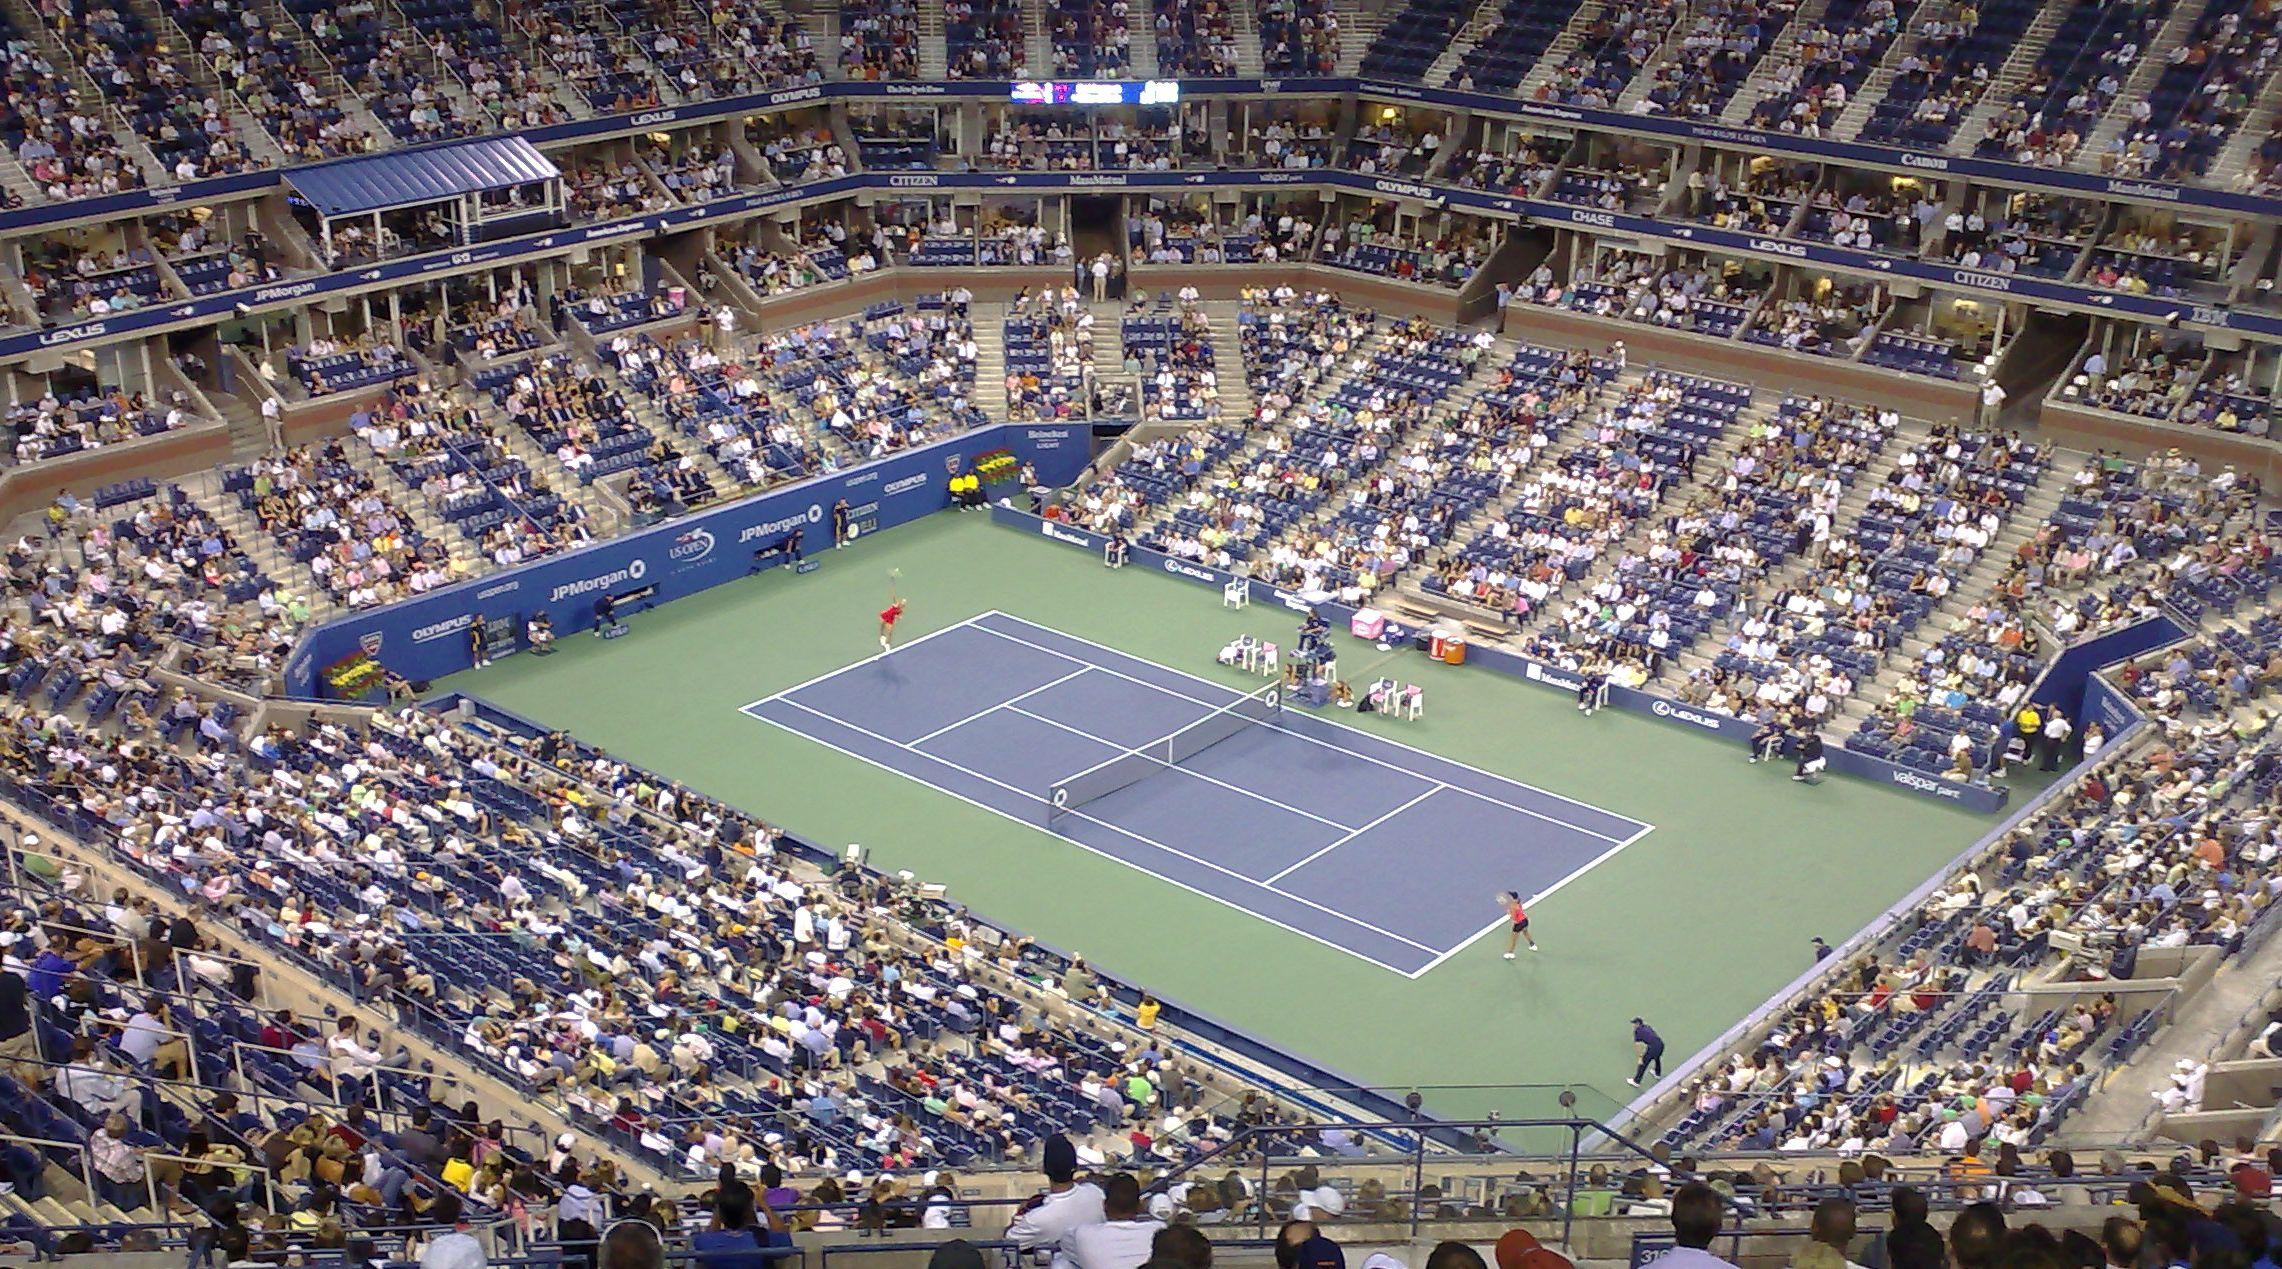 Férfi egyetlen tenisz rangsor